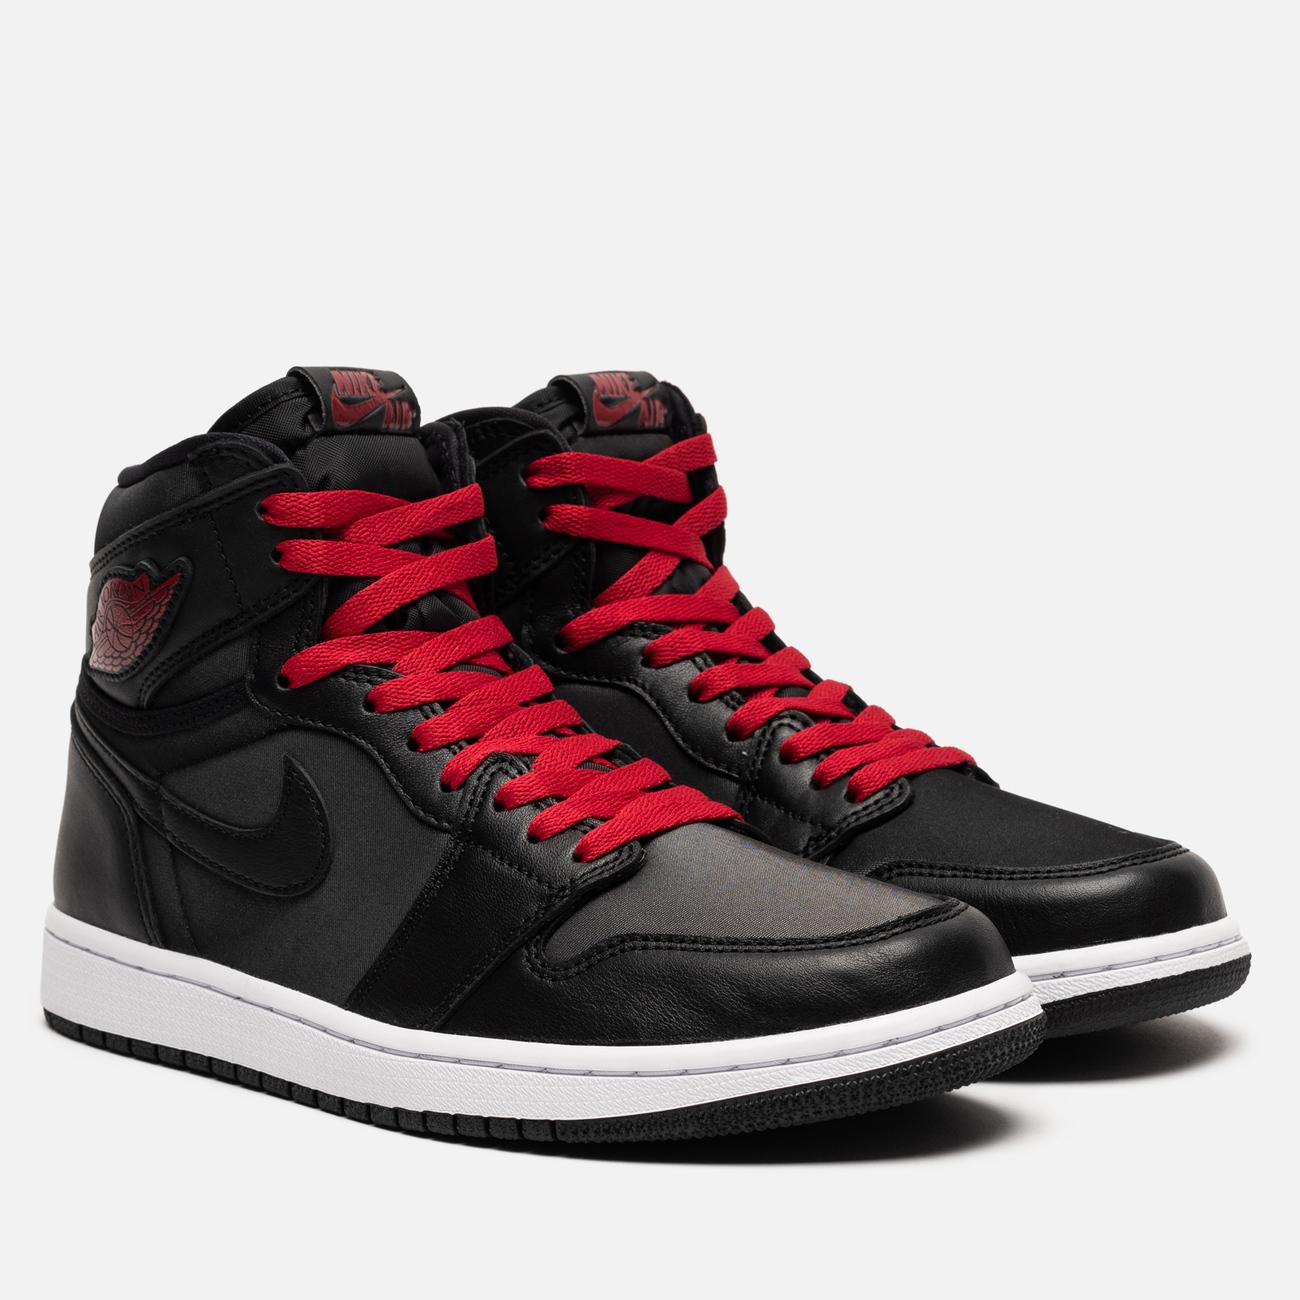 Мужские кроссовки Jordan Air Jordan 1 Retro High OG Black/Gym Red/Black/White